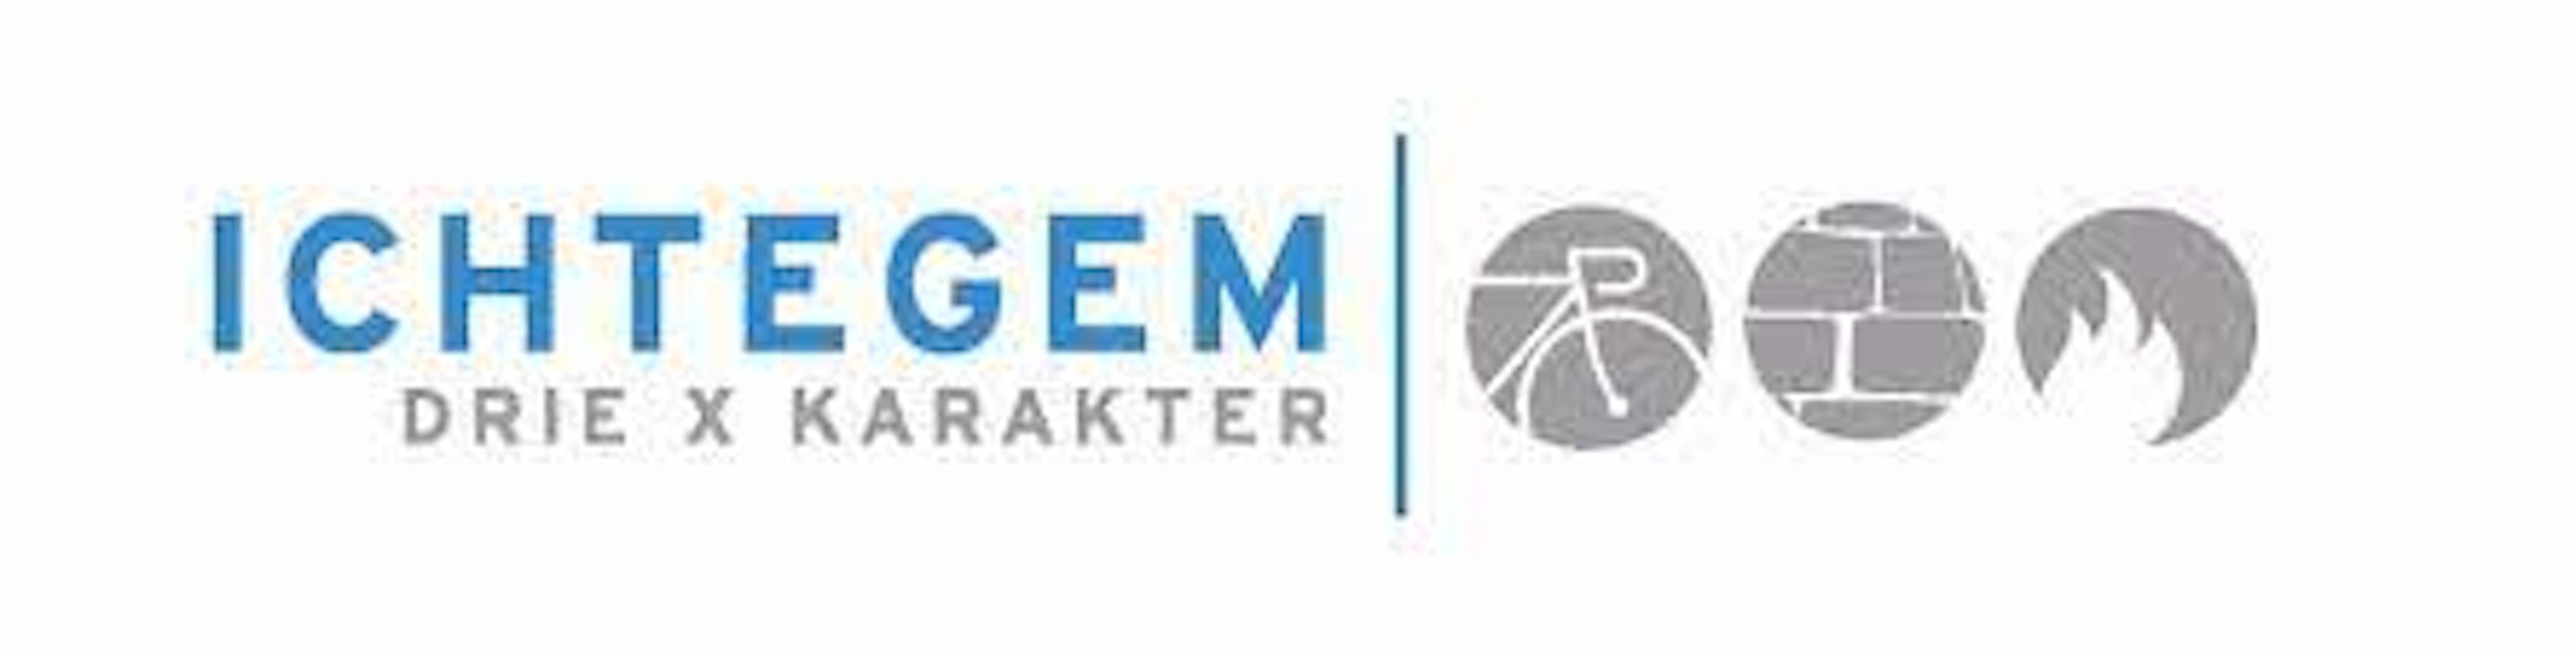 Ichtegem logo